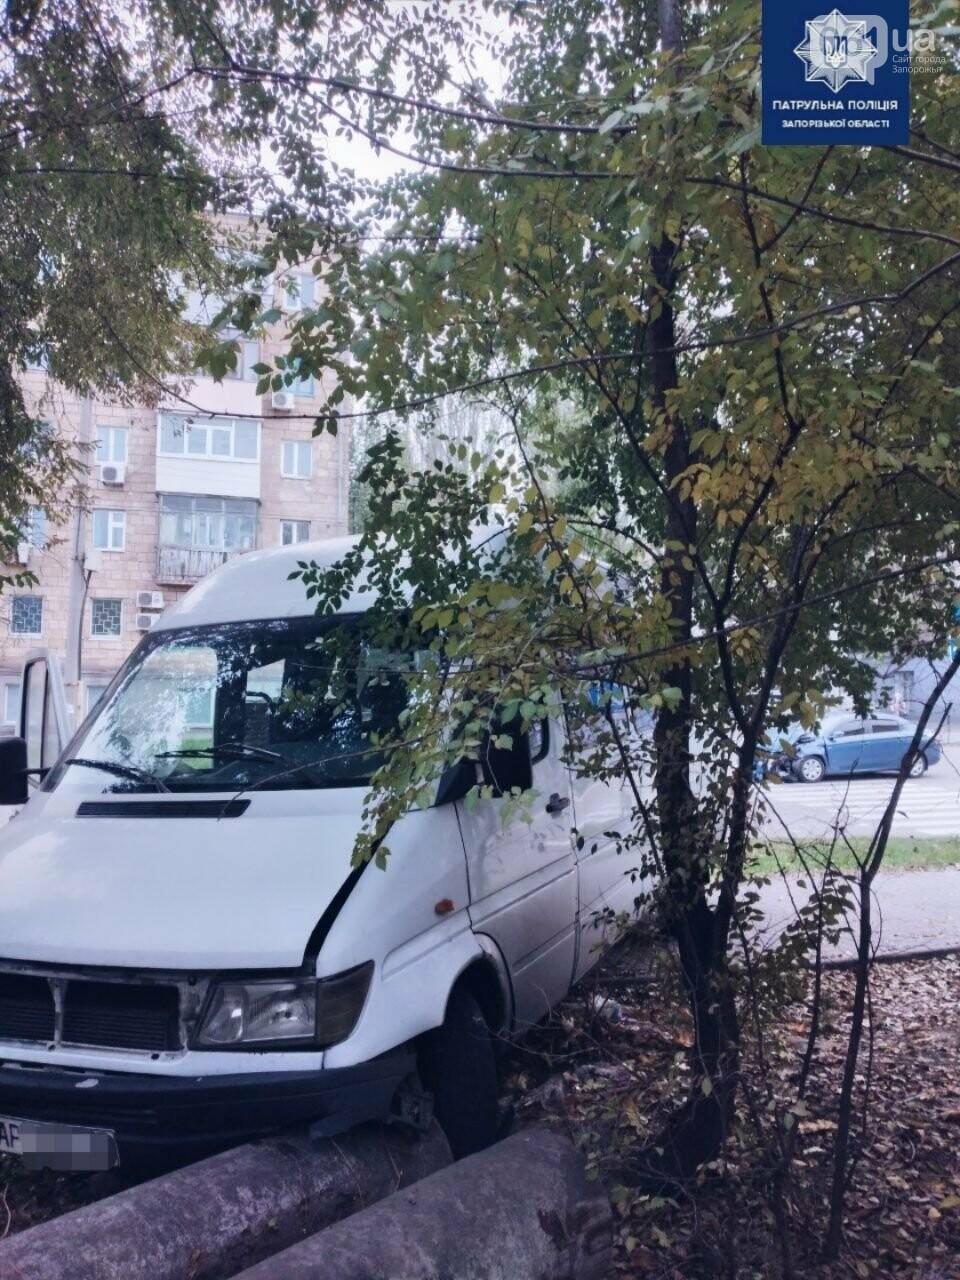 photo5301080793046692023 5fb2bd4d1fe60 - В Запорожье водитель Citroen не пропустил на перекрестке маршрутку и врезался в нее, - ФОТО